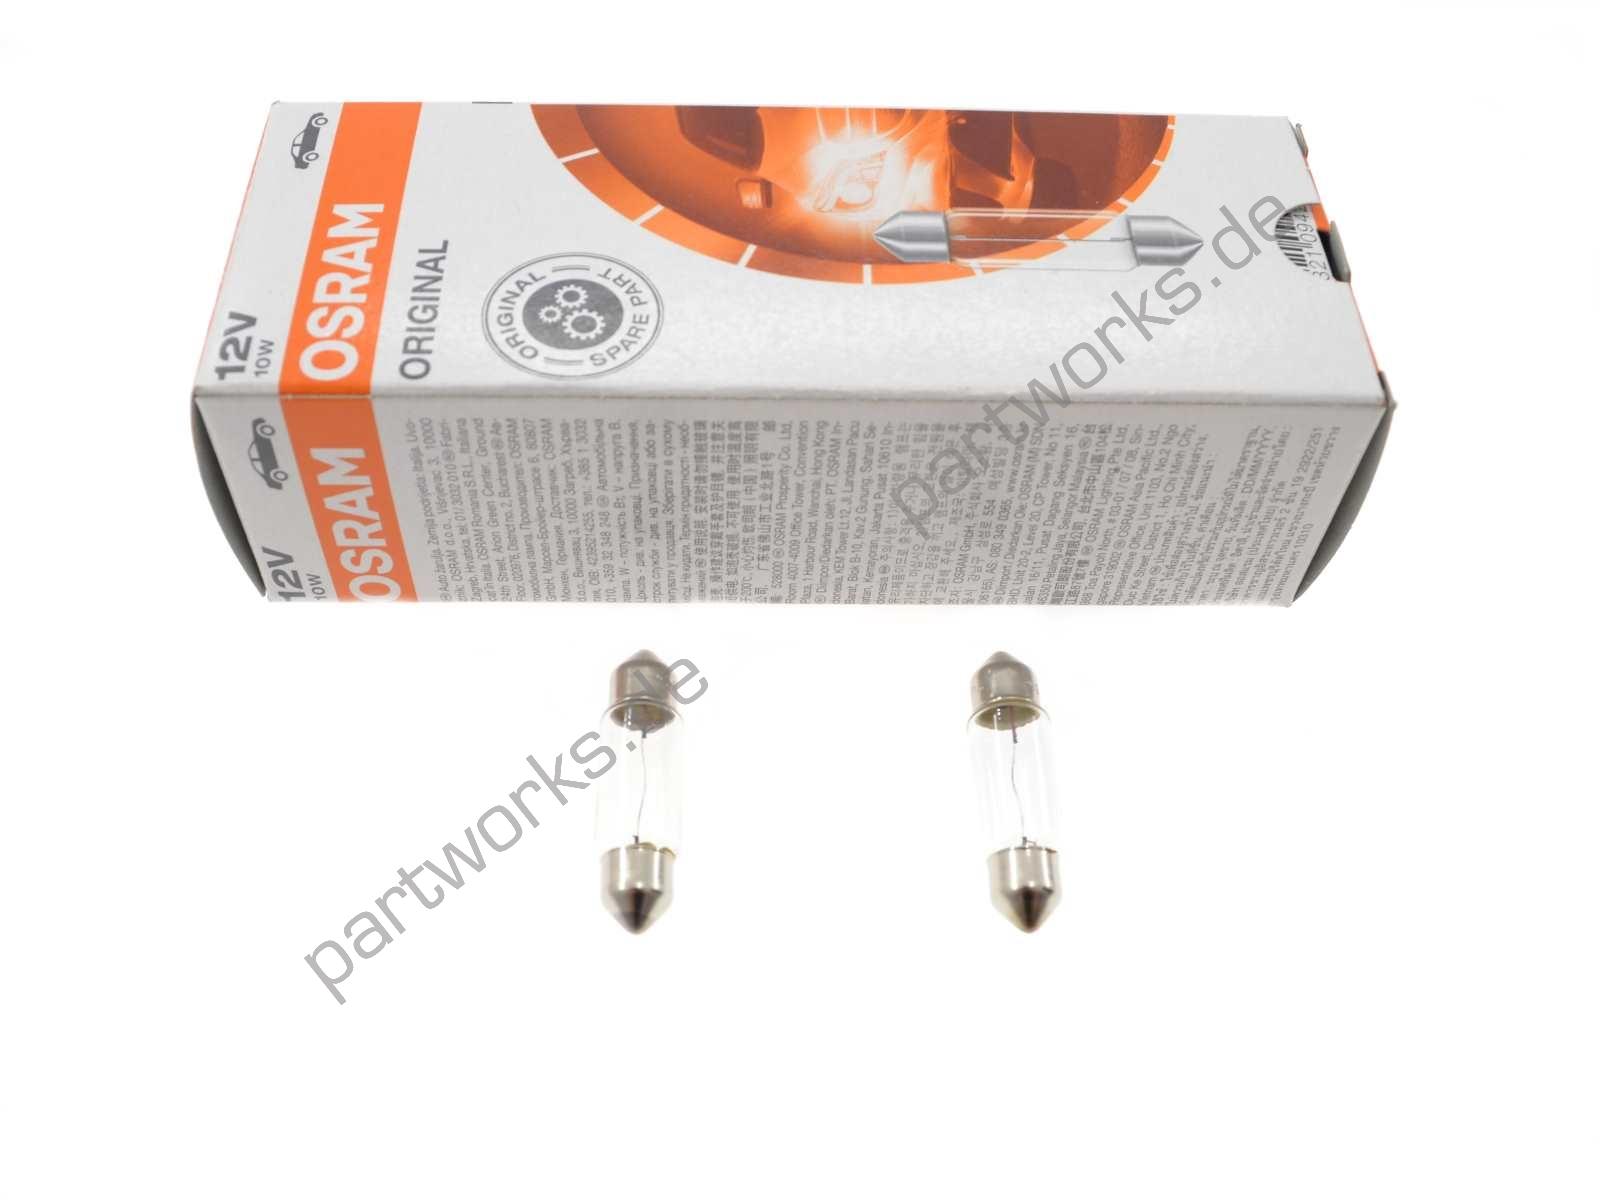 2x Glühbirne OSRAM für Porsche 924 944 968 928 Innenbeleuchtung